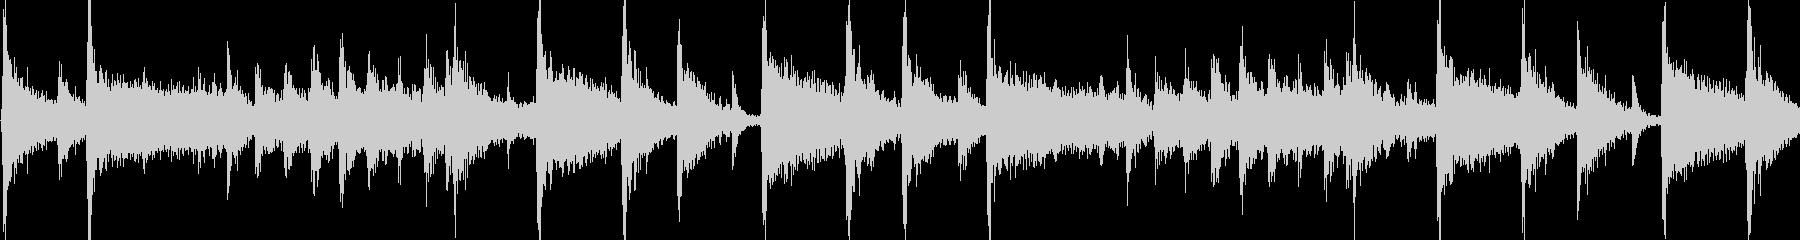 明るく陽気なフュージョンジングル_ループの未再生の波形